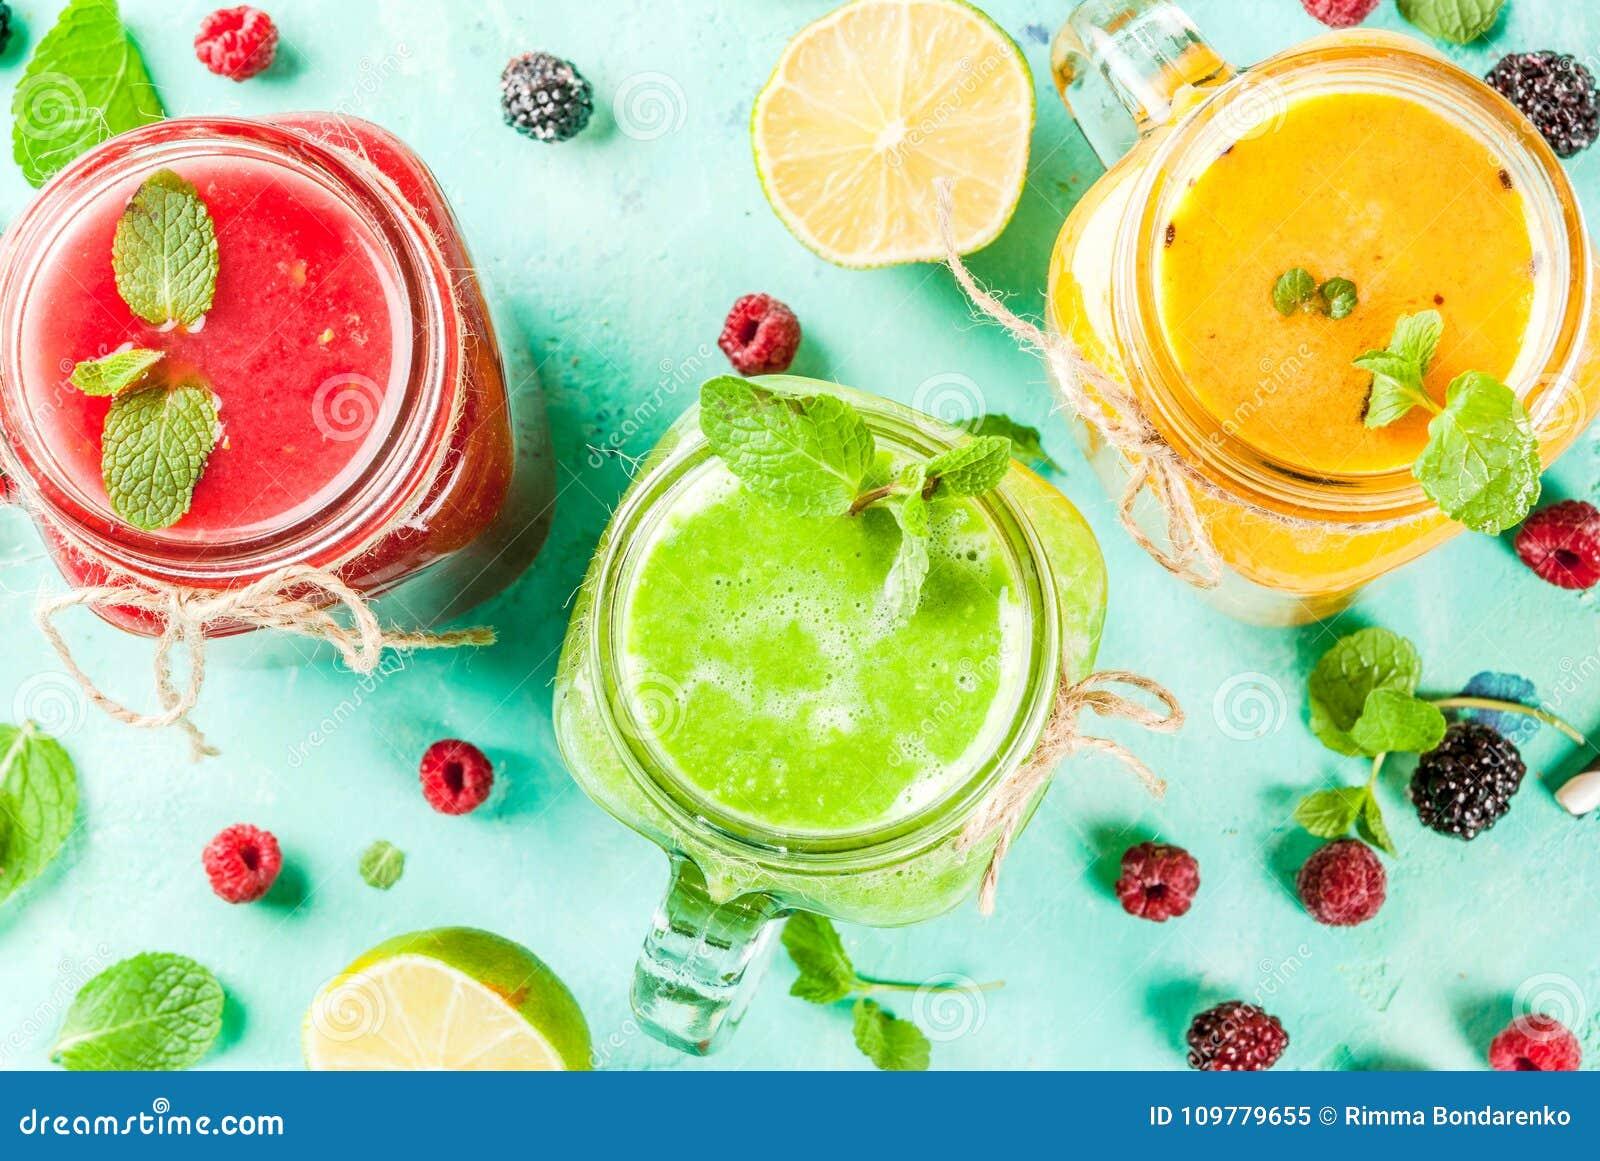 Färgrika frukt- och veggiesmoothies